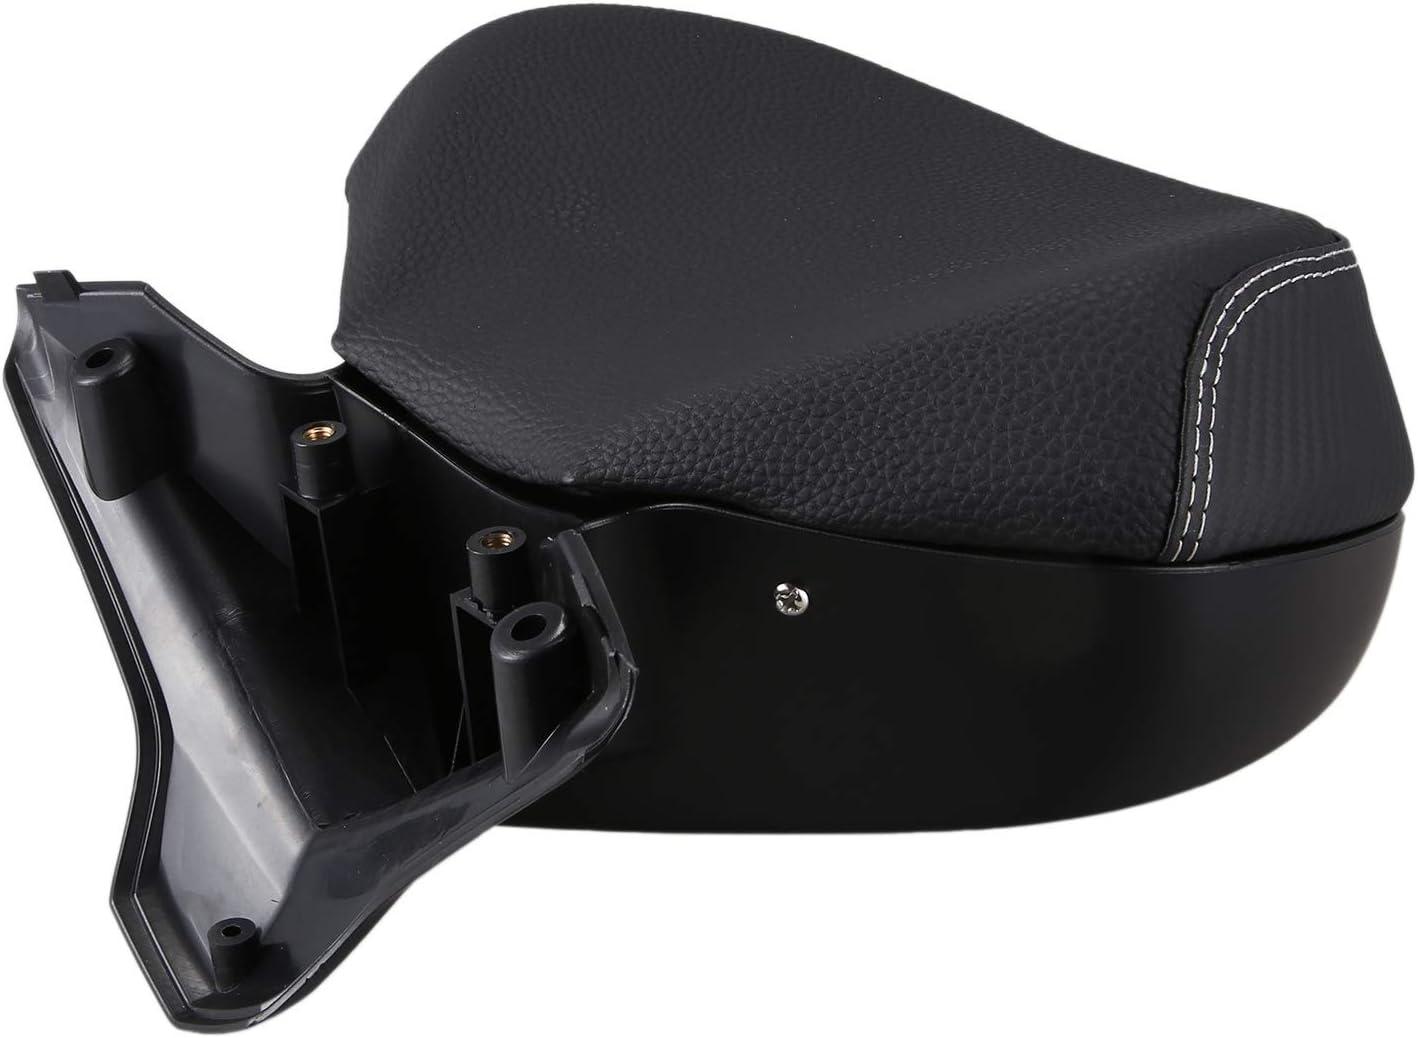 Supporto posteriore per sedile posteriore per moto XMAX 250 X-MAX 300 400 2018-2020 Bobotron